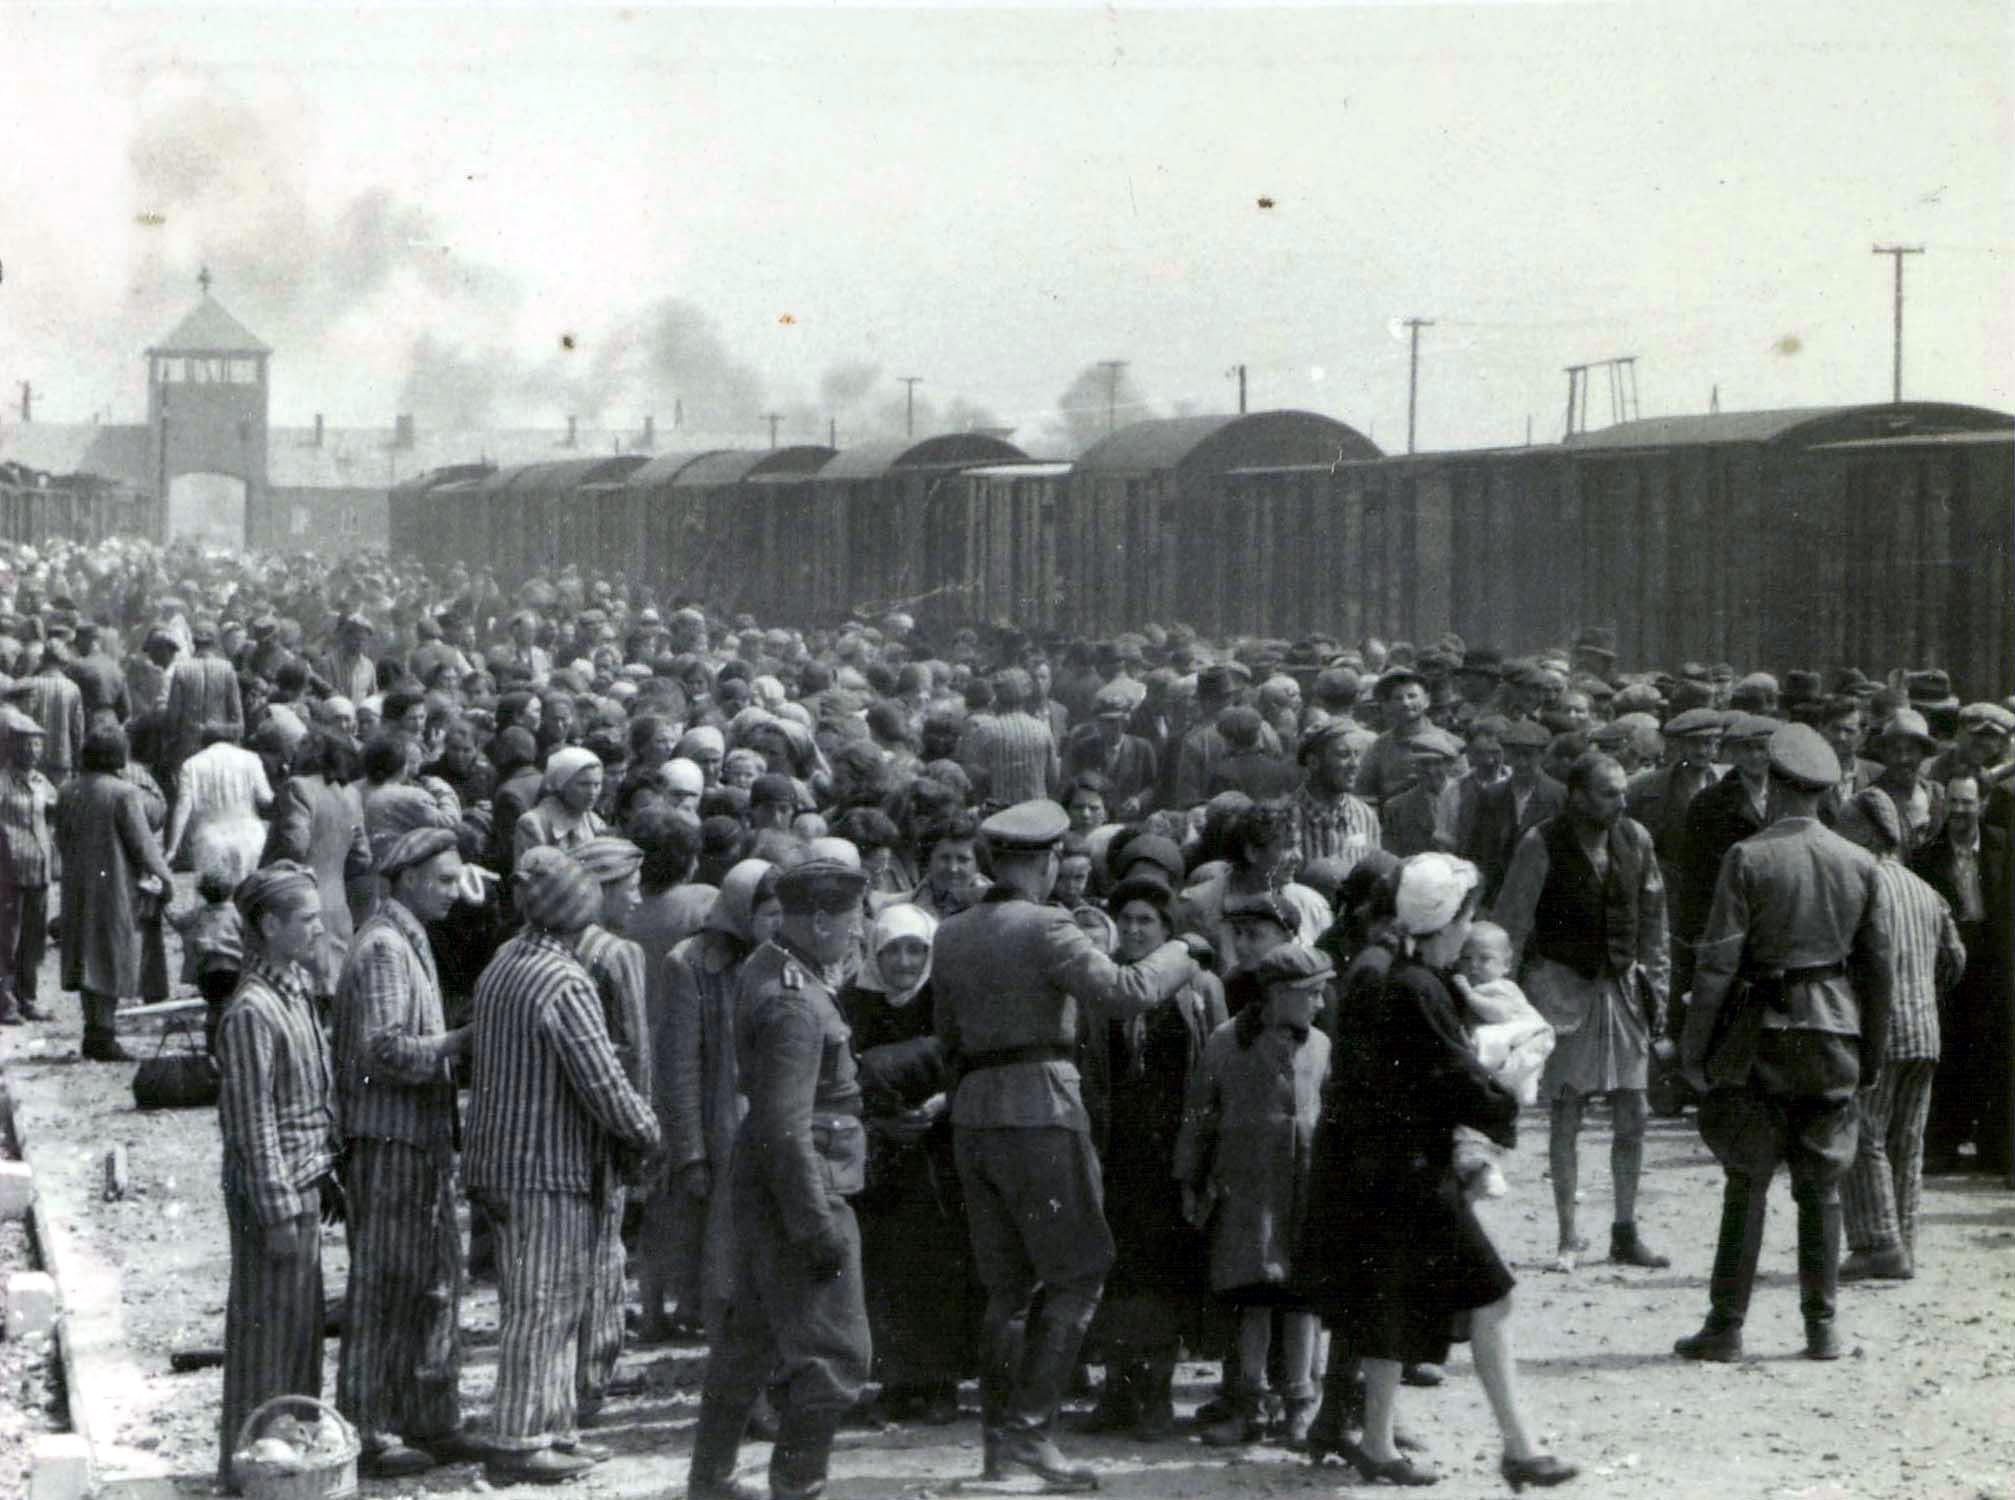 Un fost gardian de la Auschwitz este acuzat in Germania de complicitate la 300.000 de crime